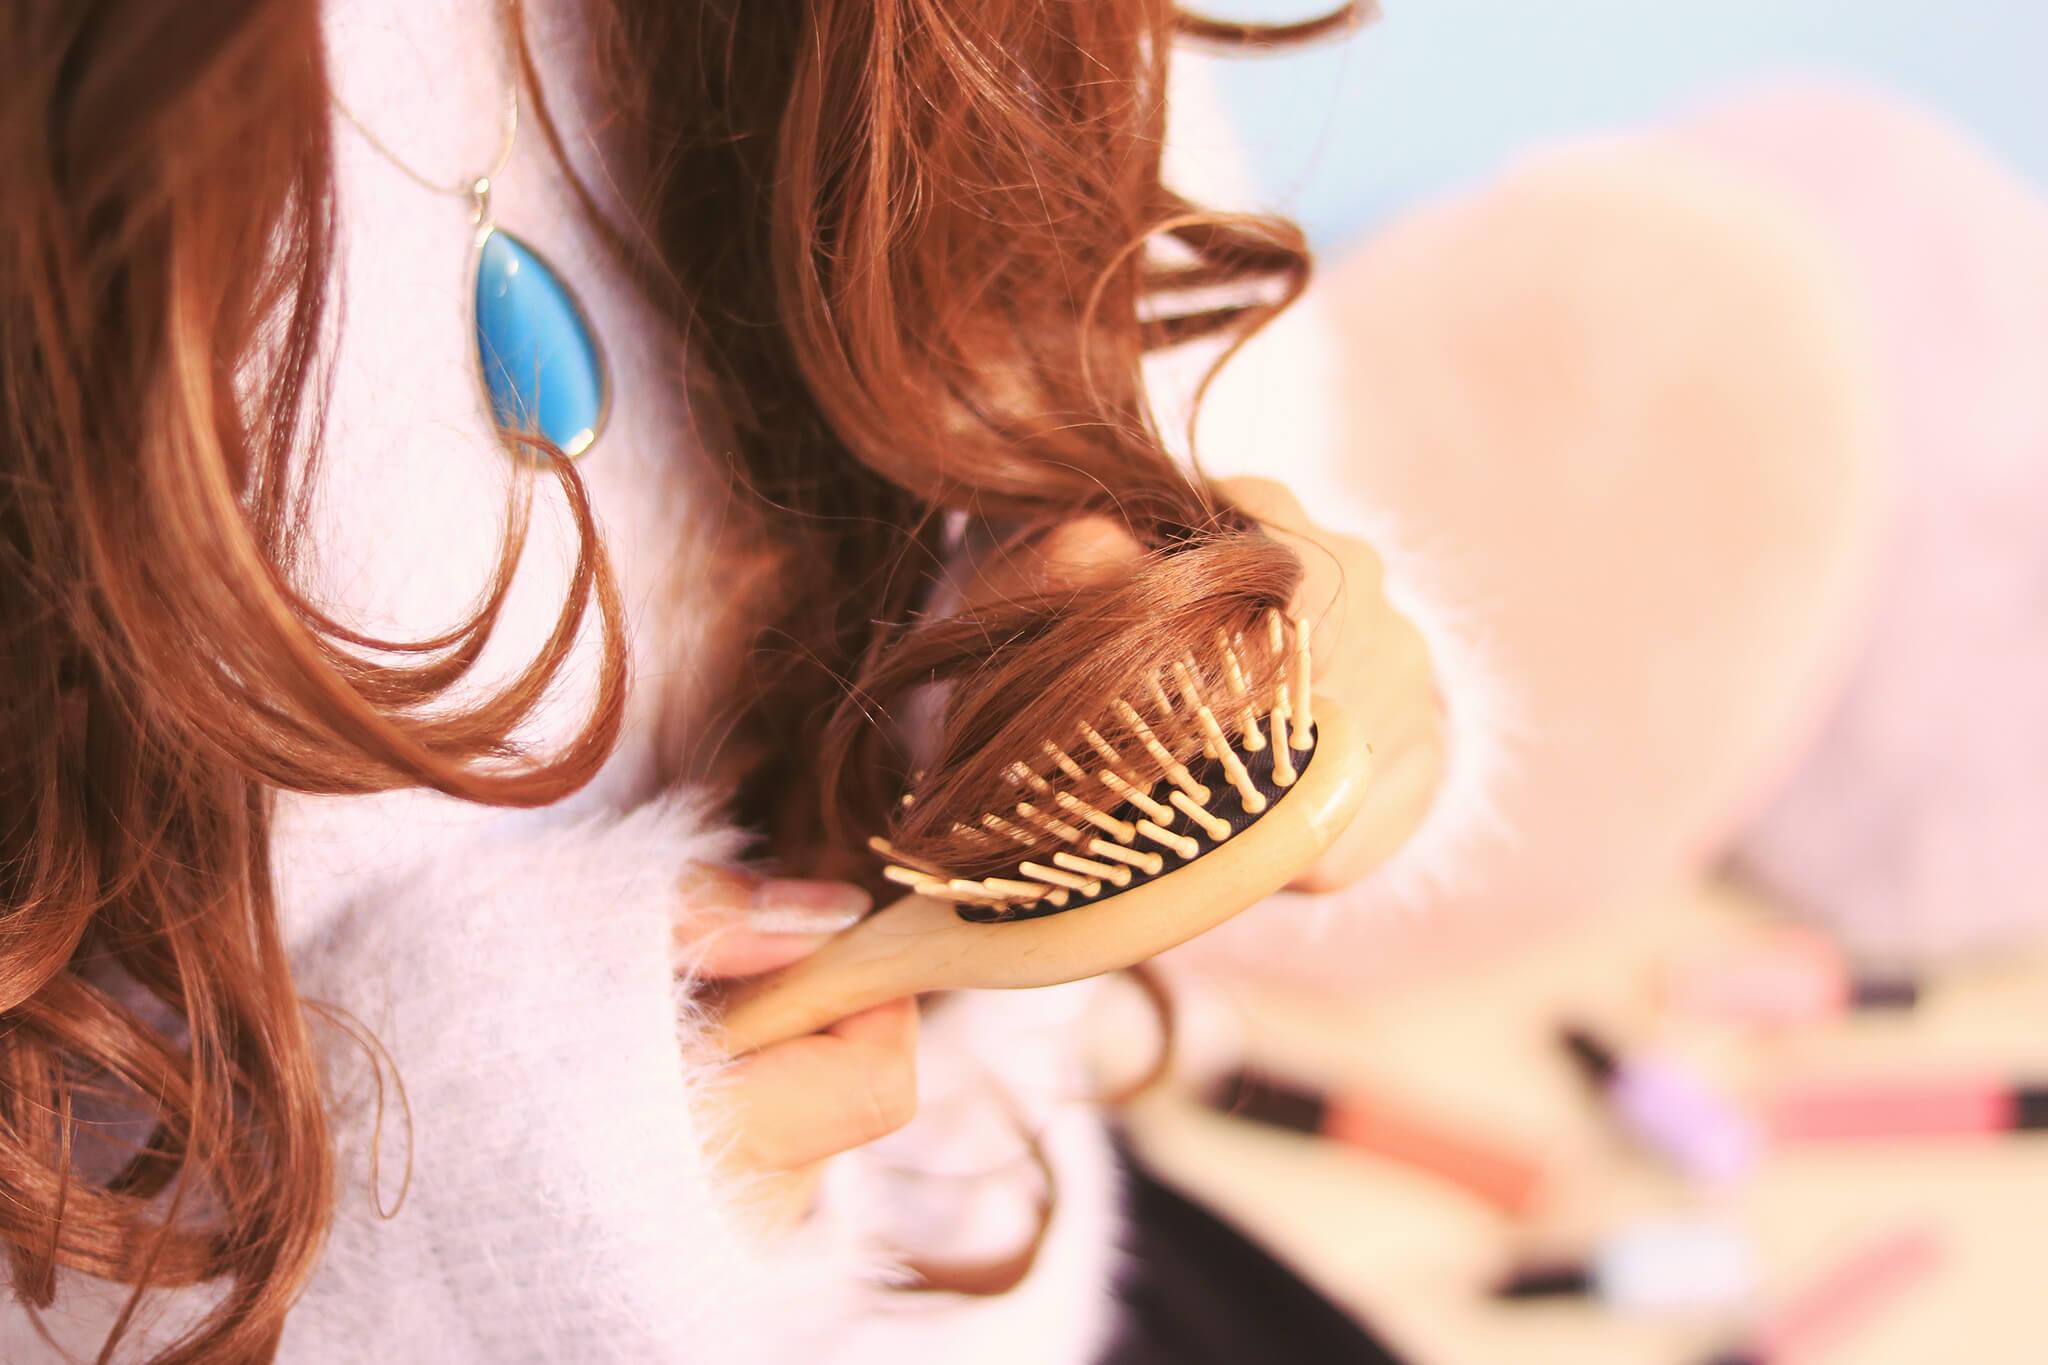 『毛髪のダメージ要因』と『ヘアケアの基本6ヵ条』!~高級トリートメントをする前に~